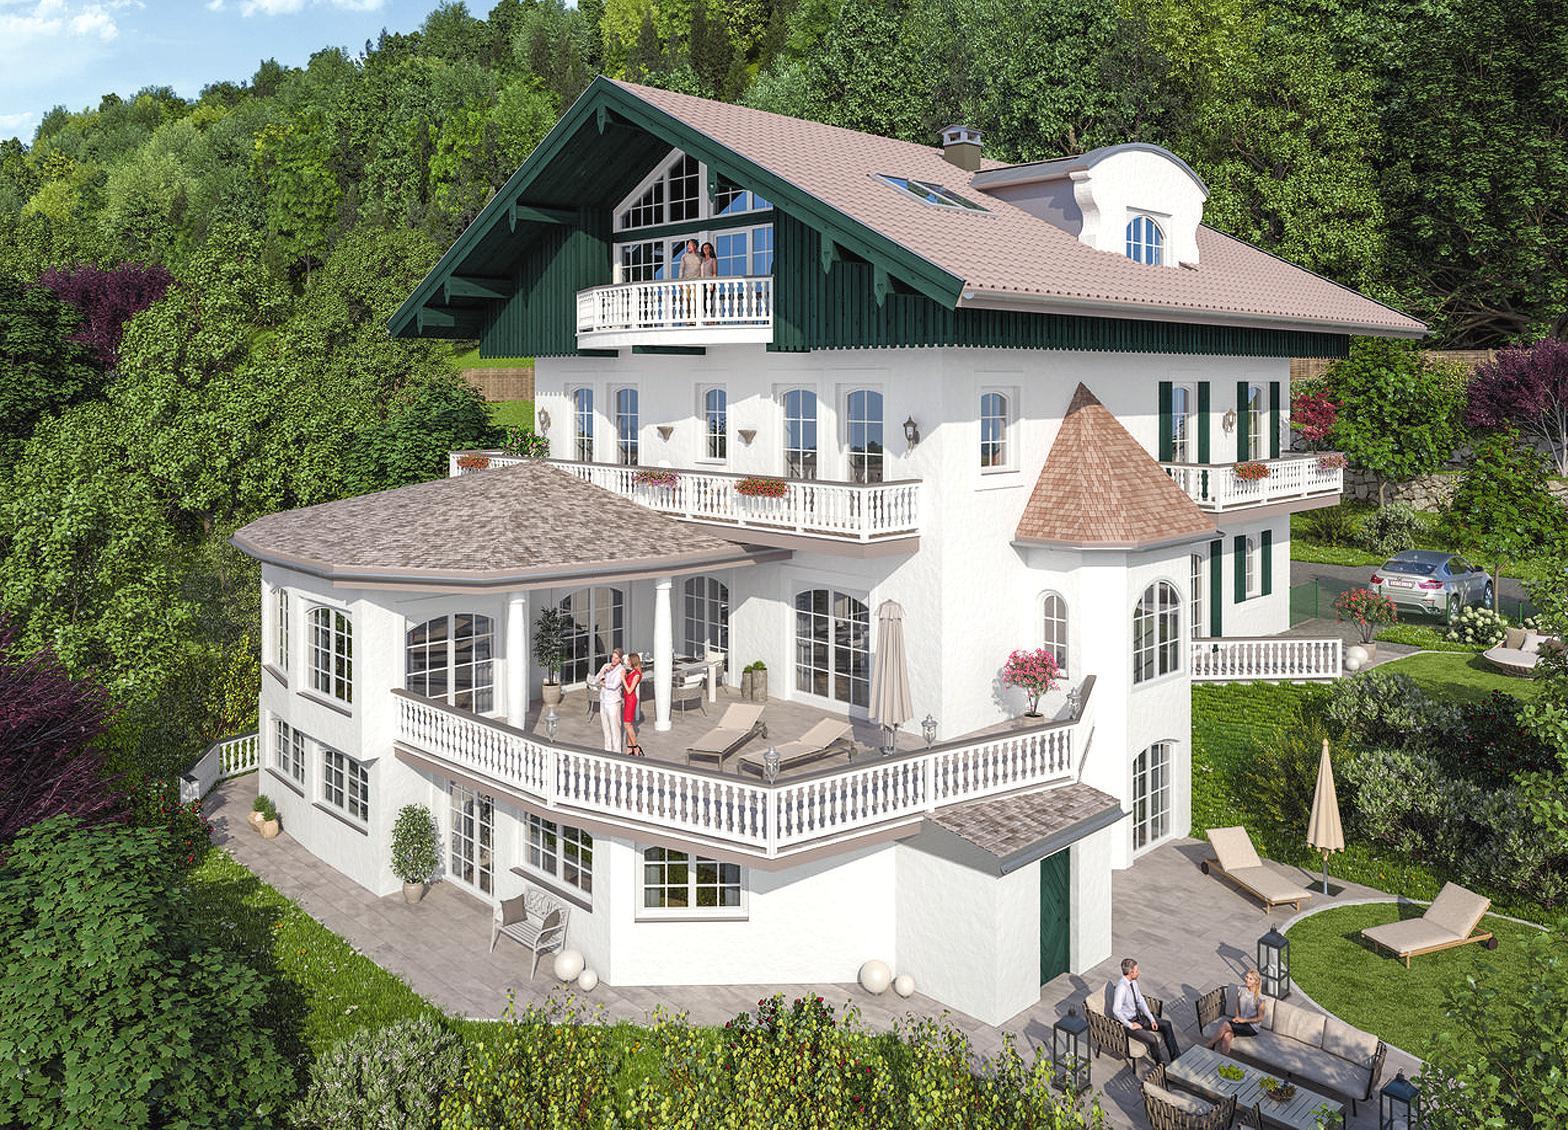 7 Traumwohnungen in einzigartigen Seeblick-Villen am Tegernsee Image 2